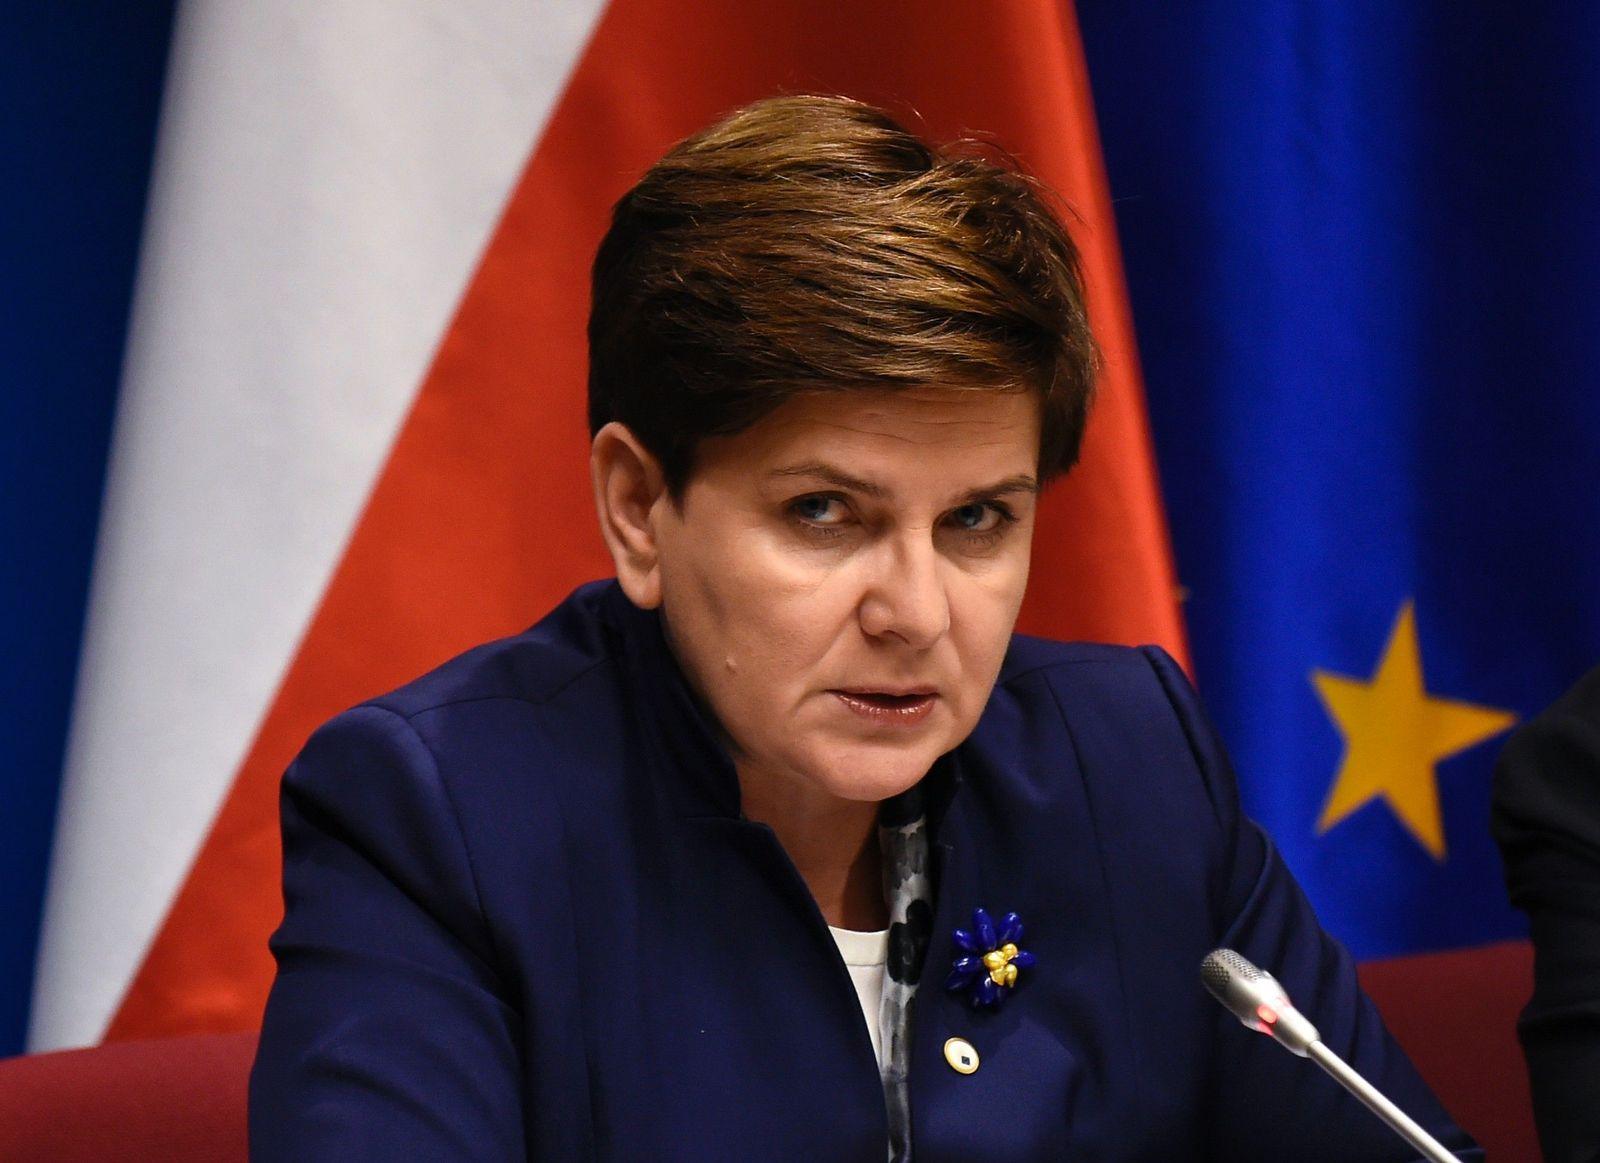 Polen Beata Szydlo